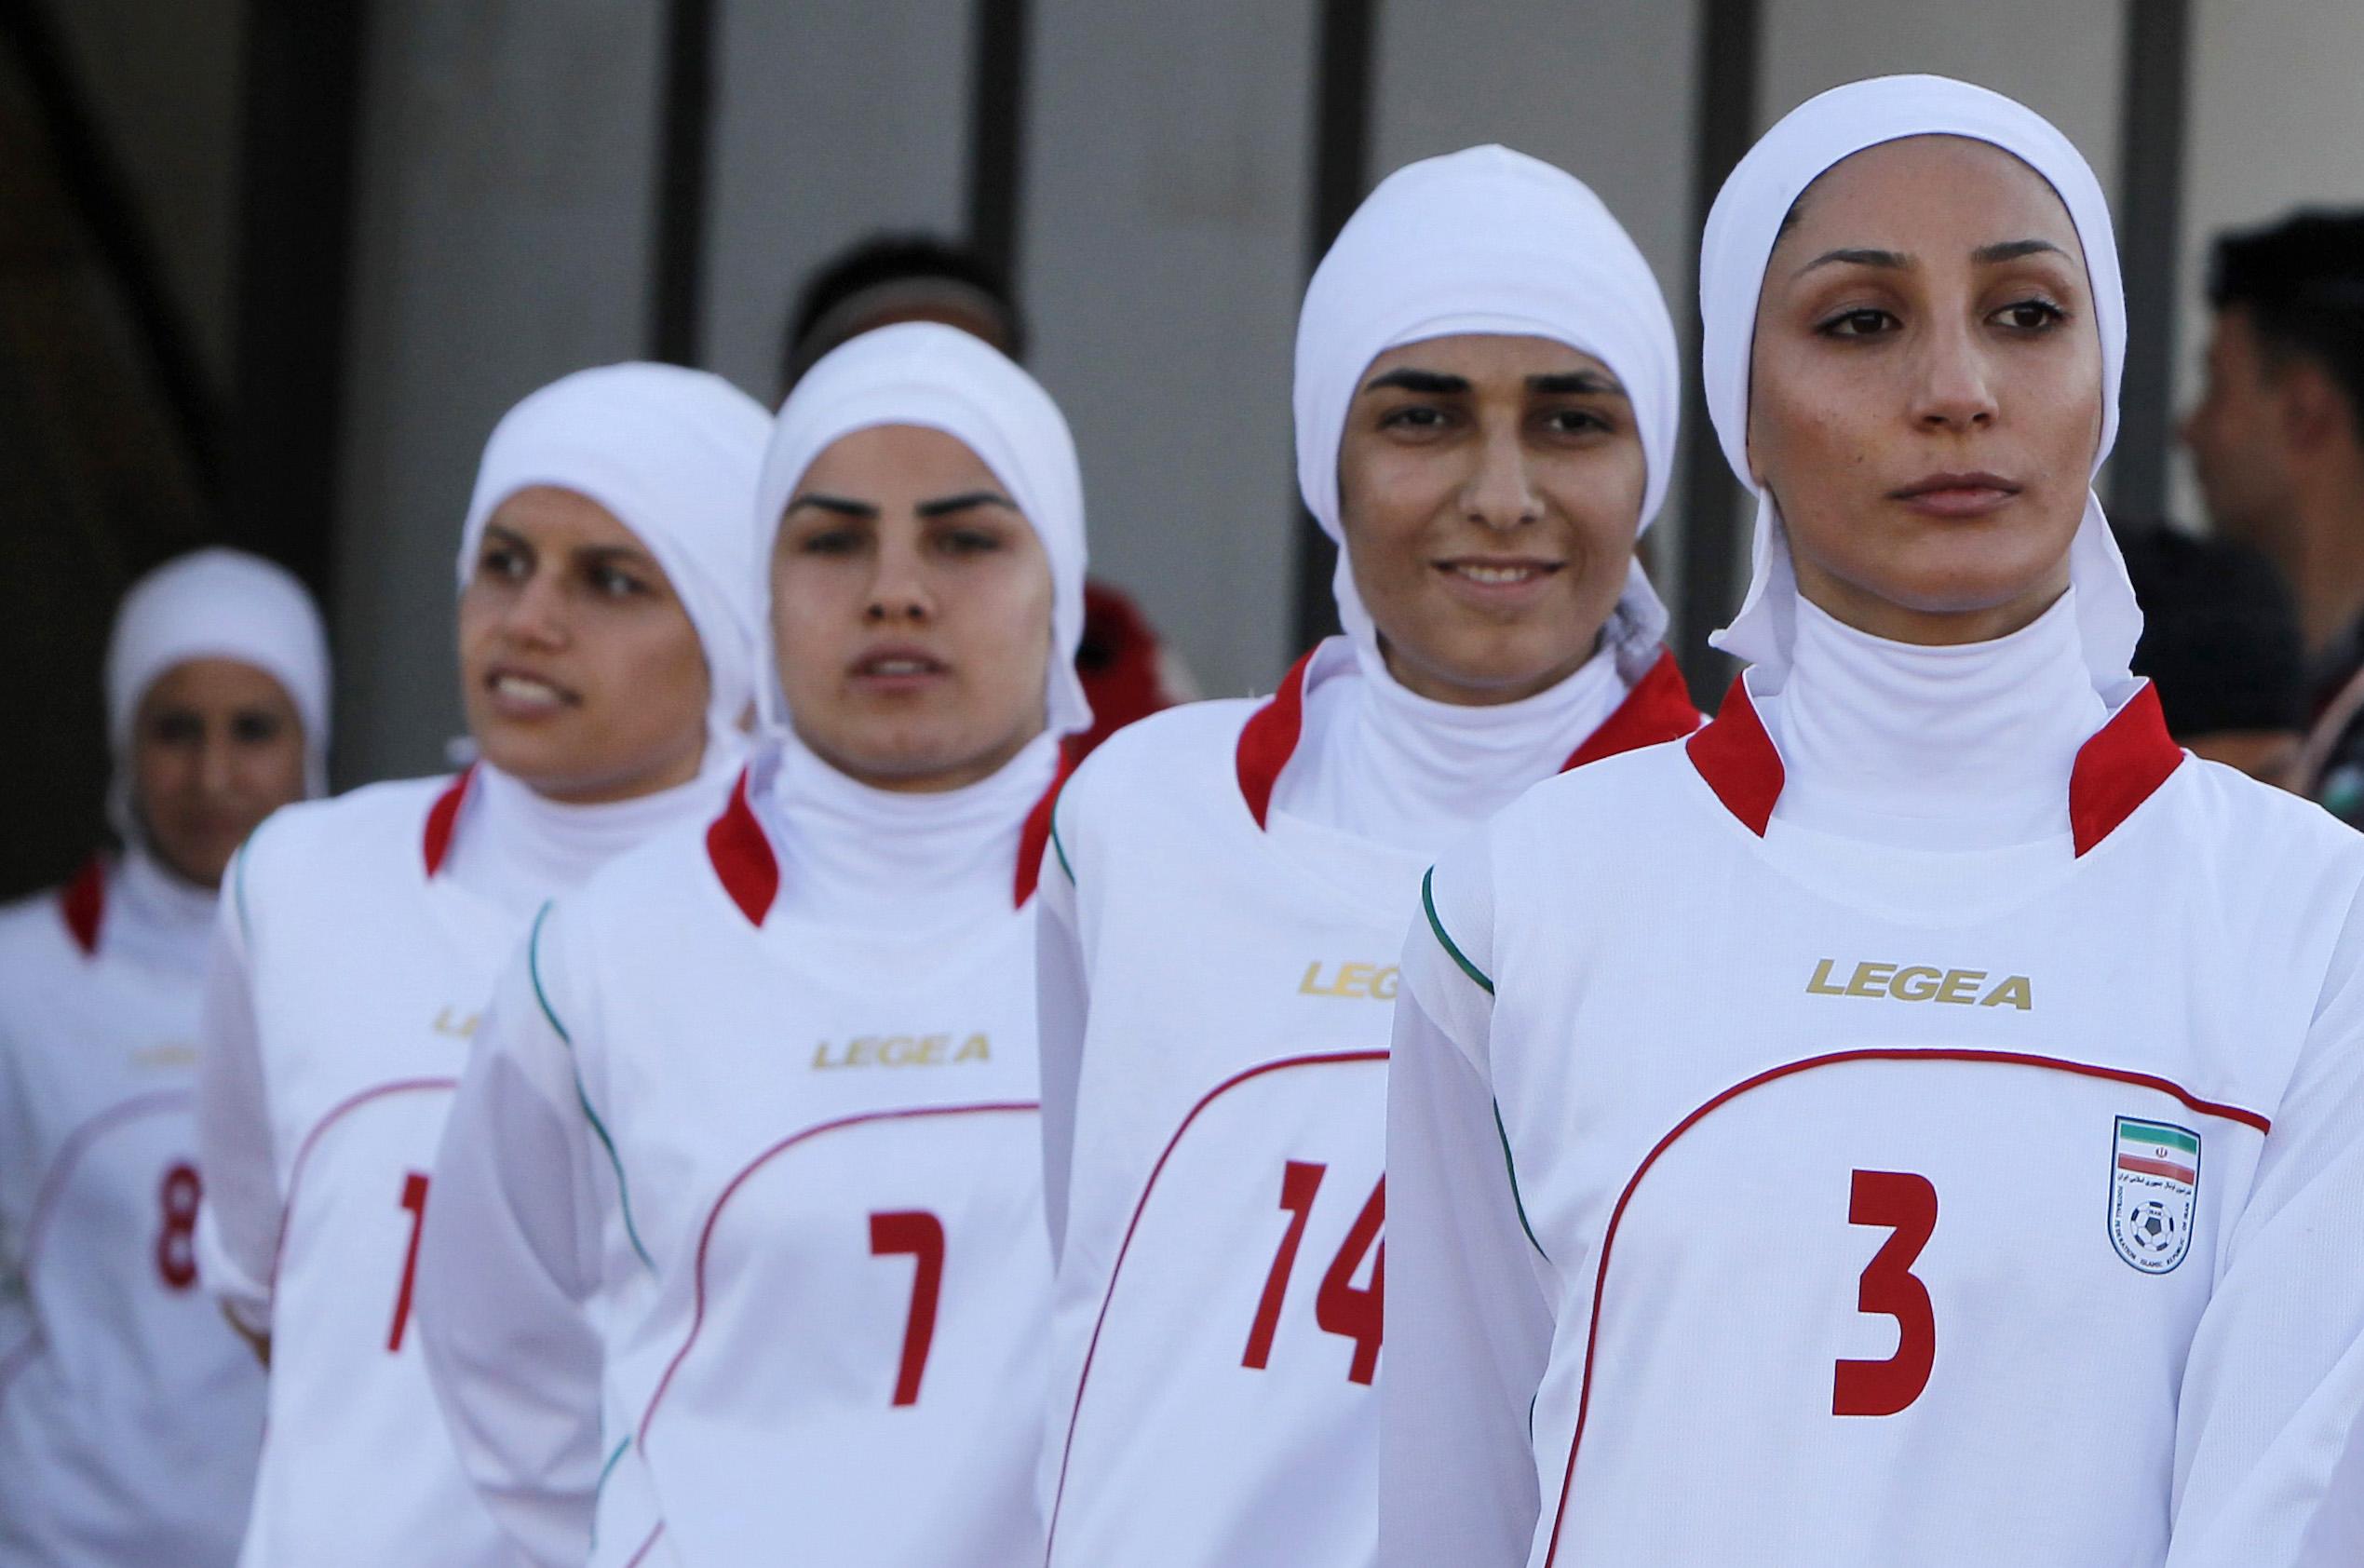 Ролик женской футбольной команды в душе 1 фотография